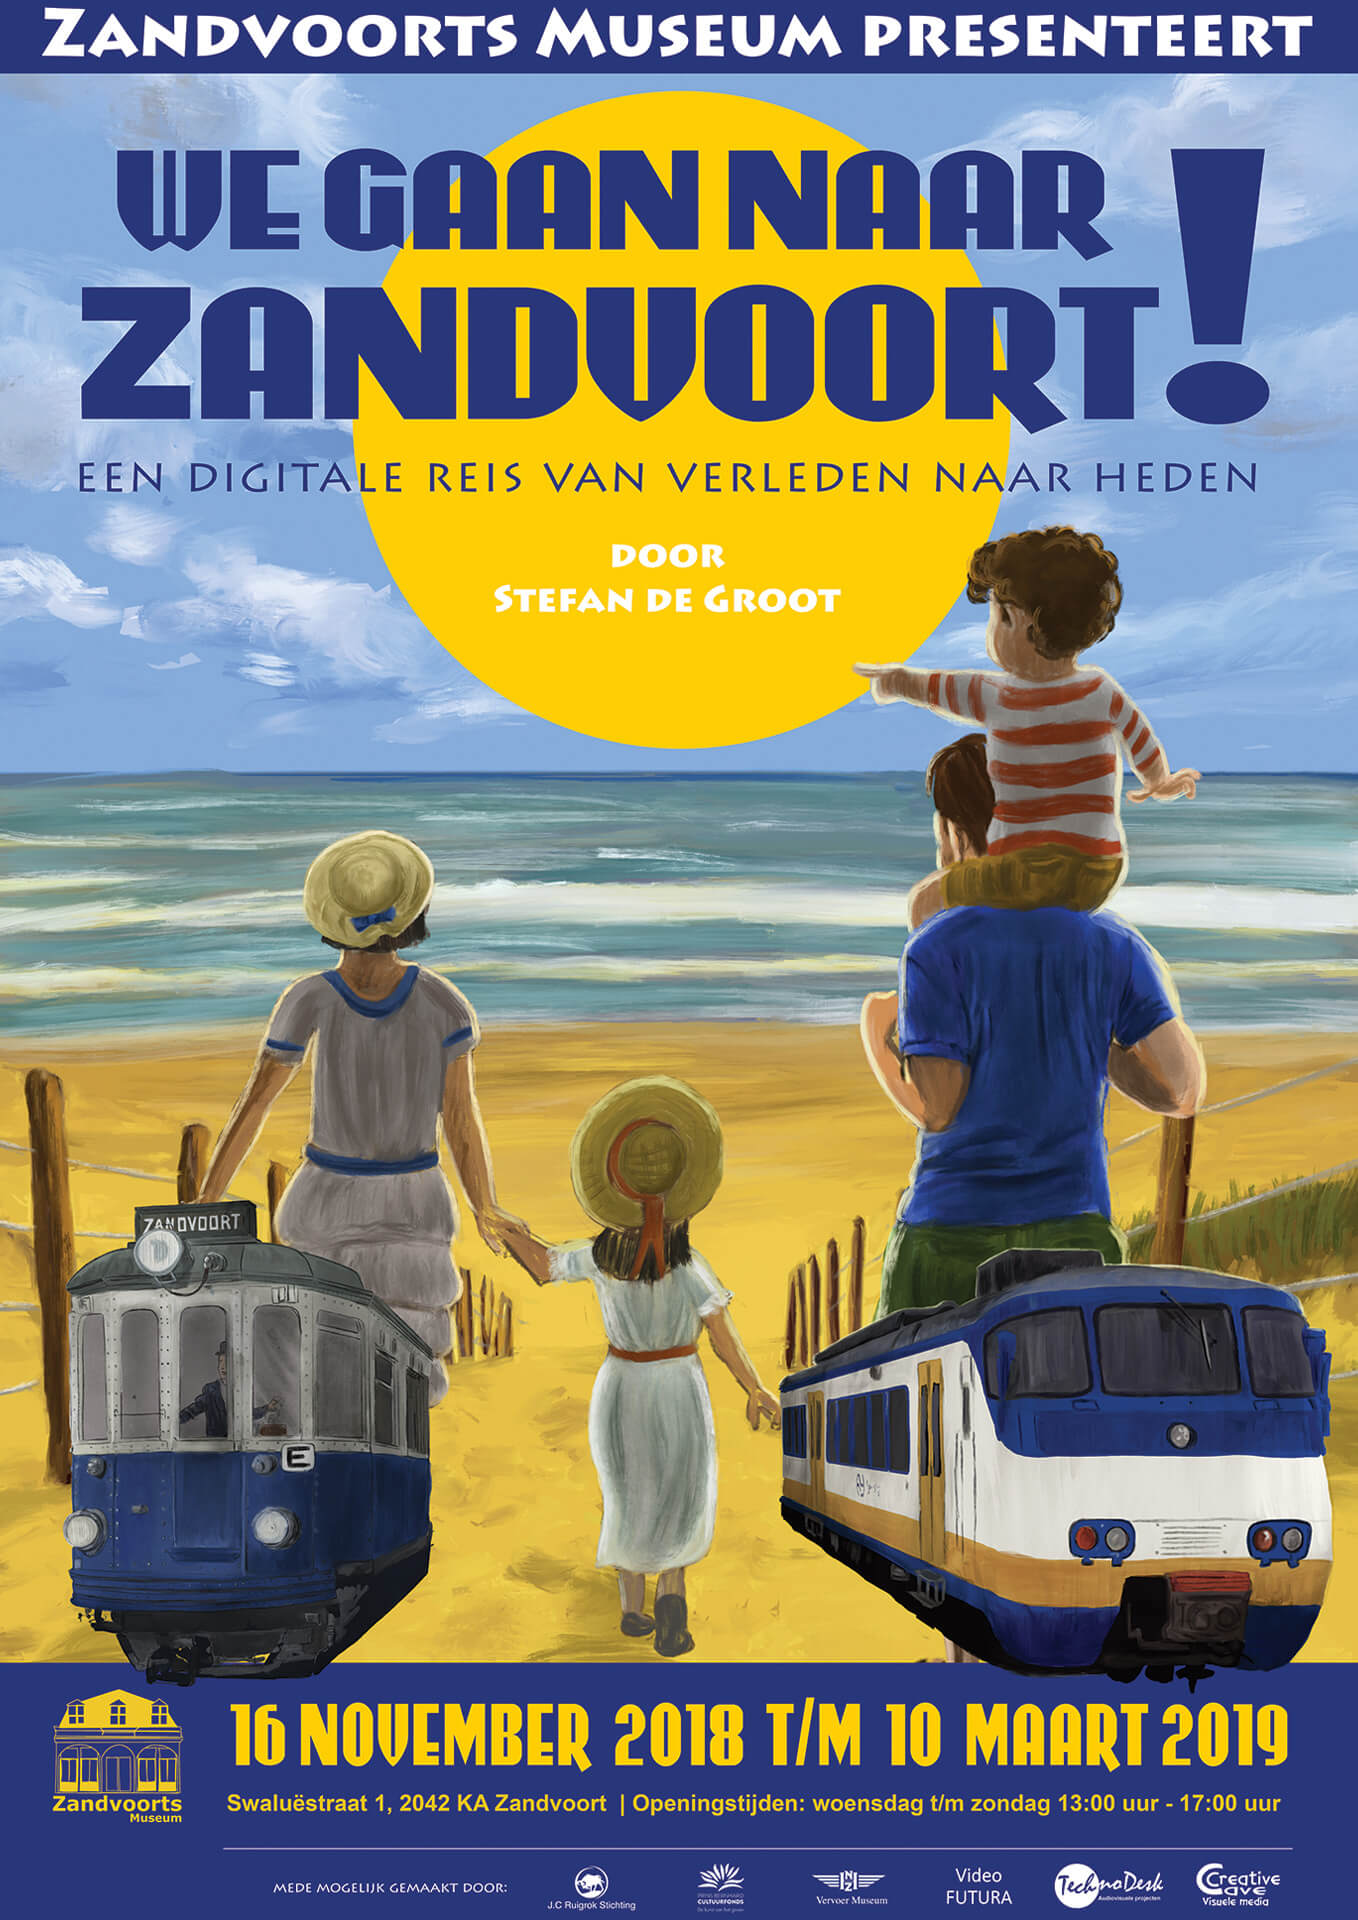 We gaan naar Zandvoort! tentoonstelling poster Zandvoorts Museum ontwerp Stefan de Groot